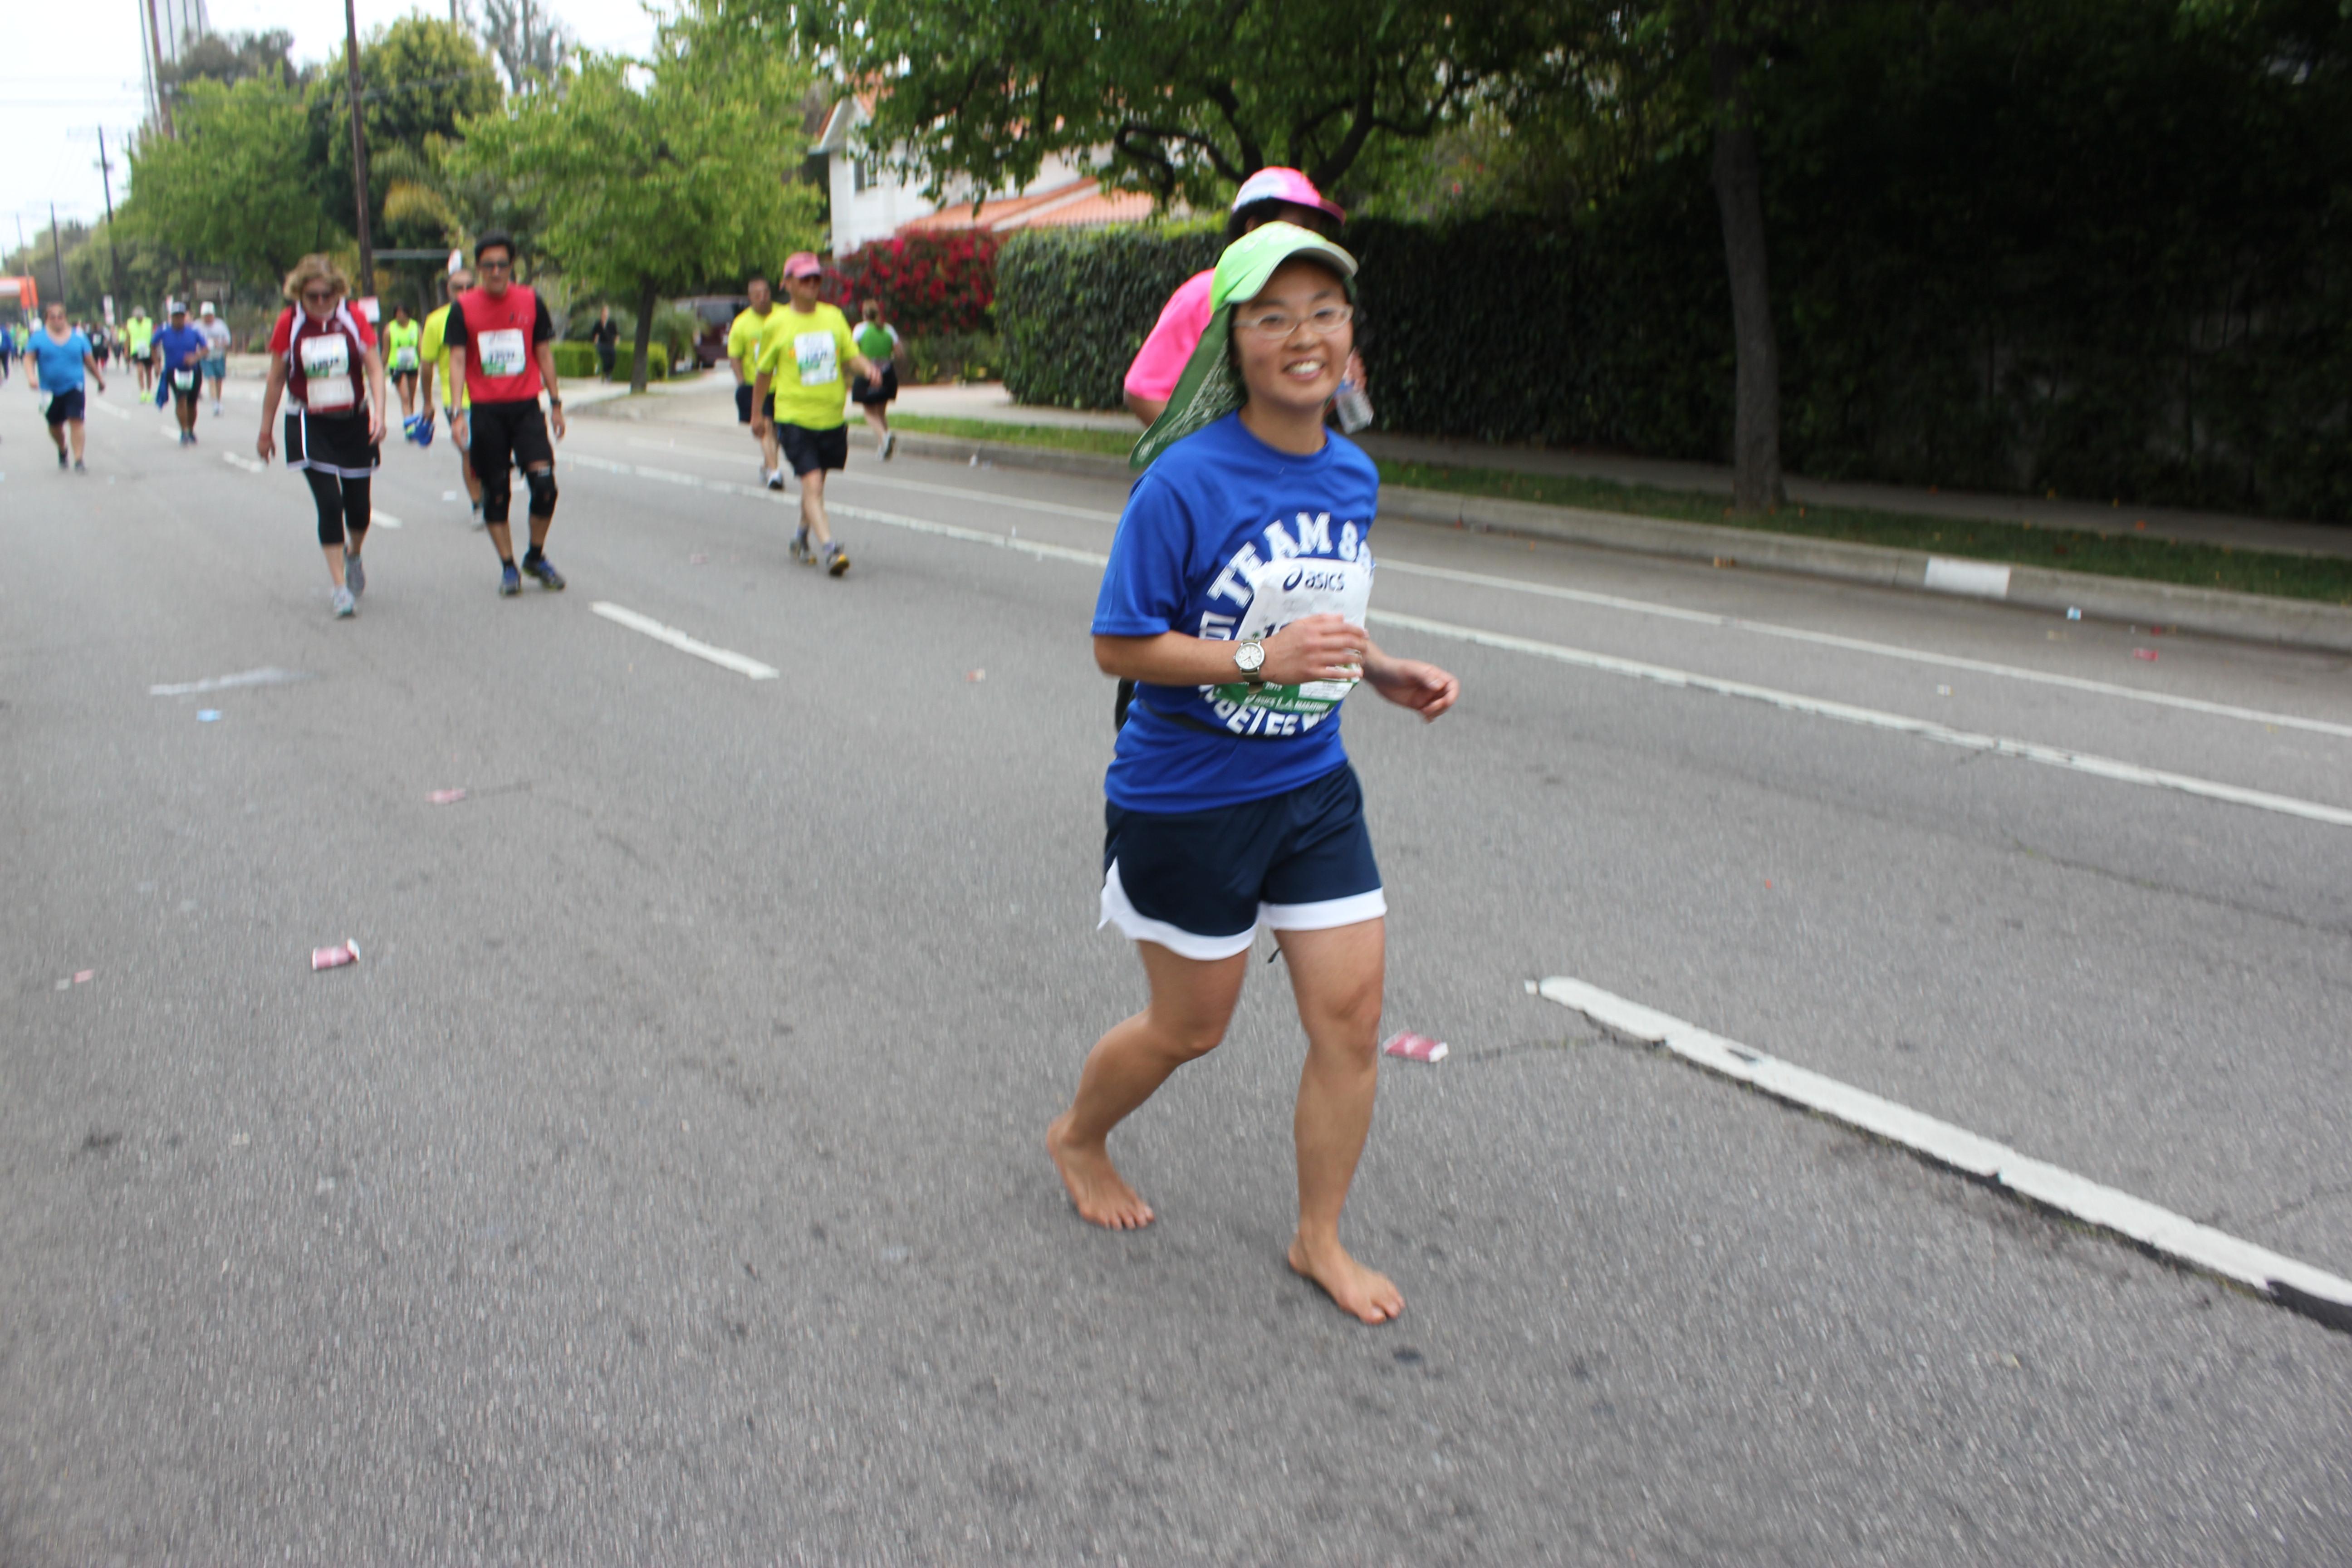 Aika Makimura, barefoot runner #18732